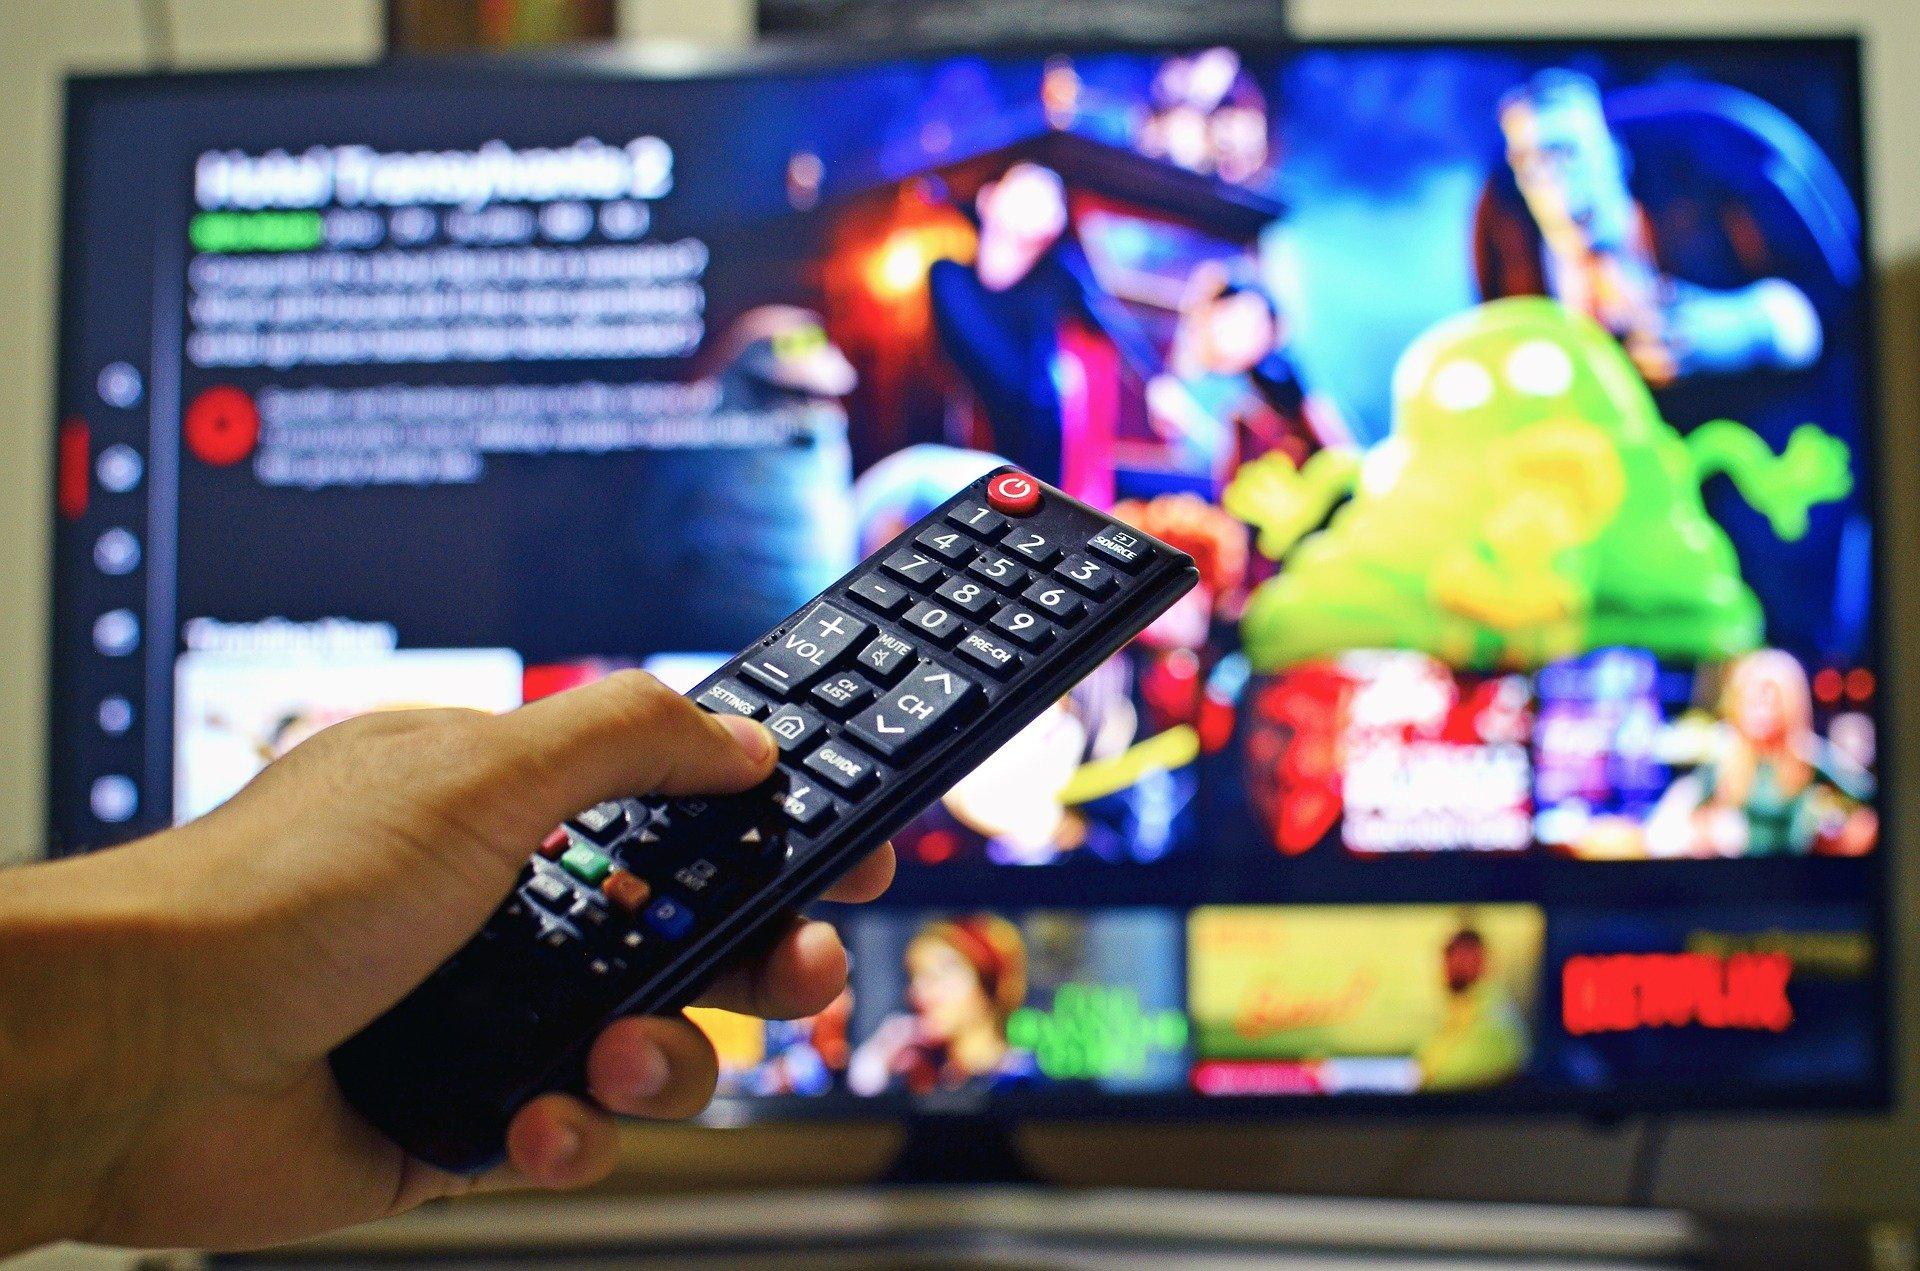 Na foto uma mão segurando um controle em frente a televisão.